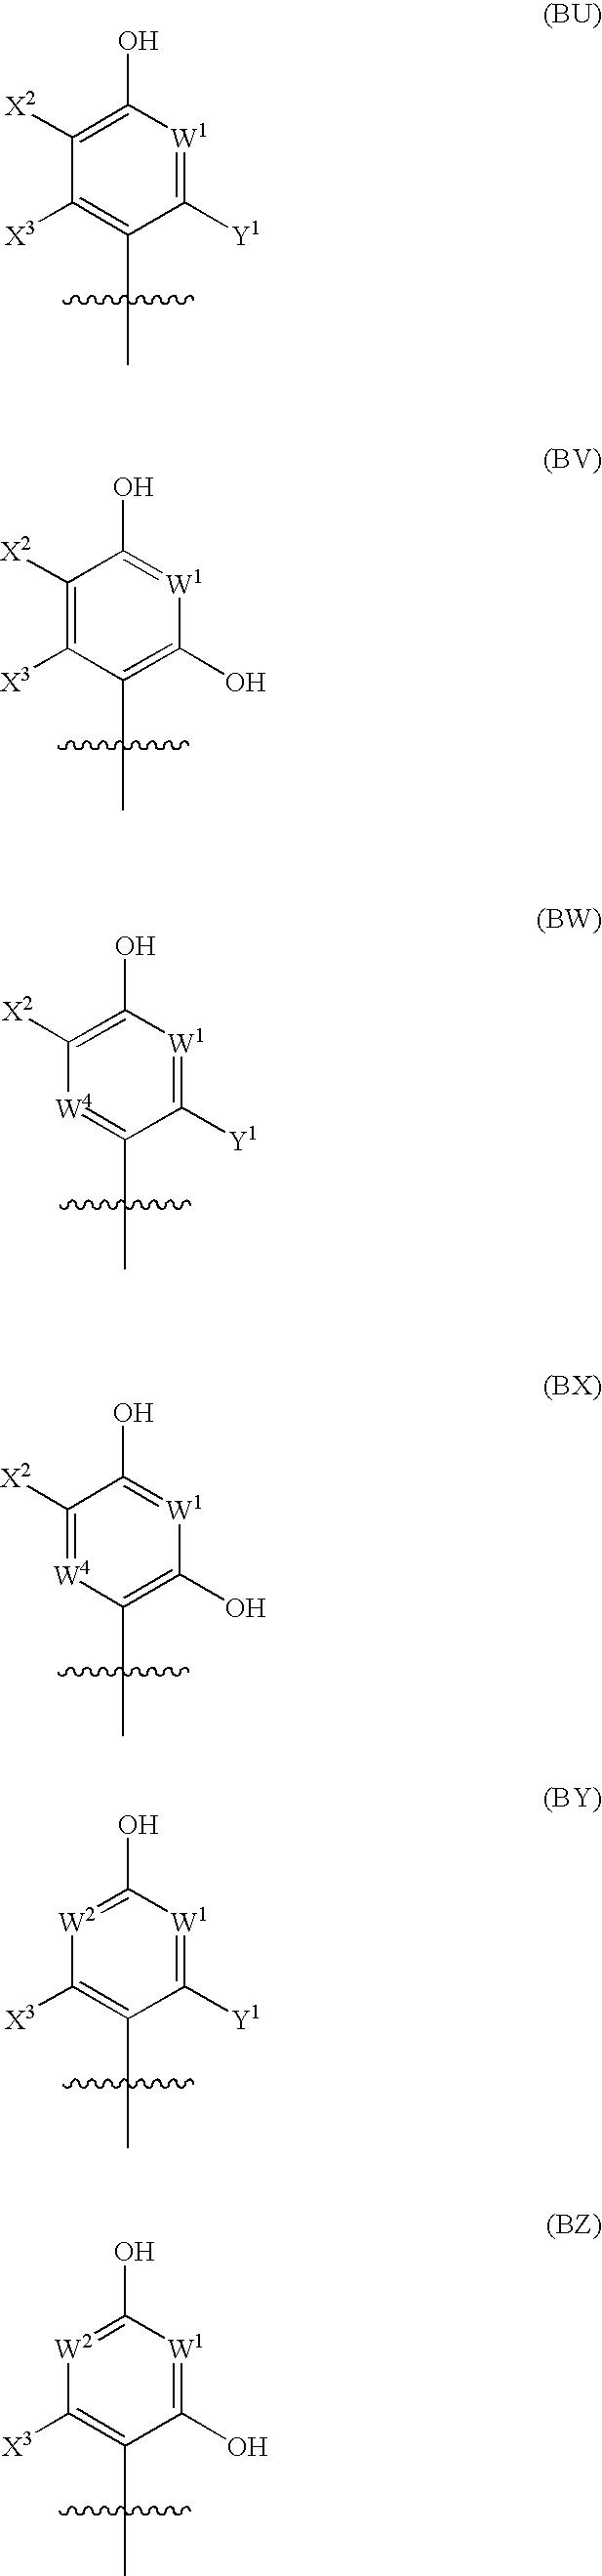 Figure US07608600-20091027-C00013